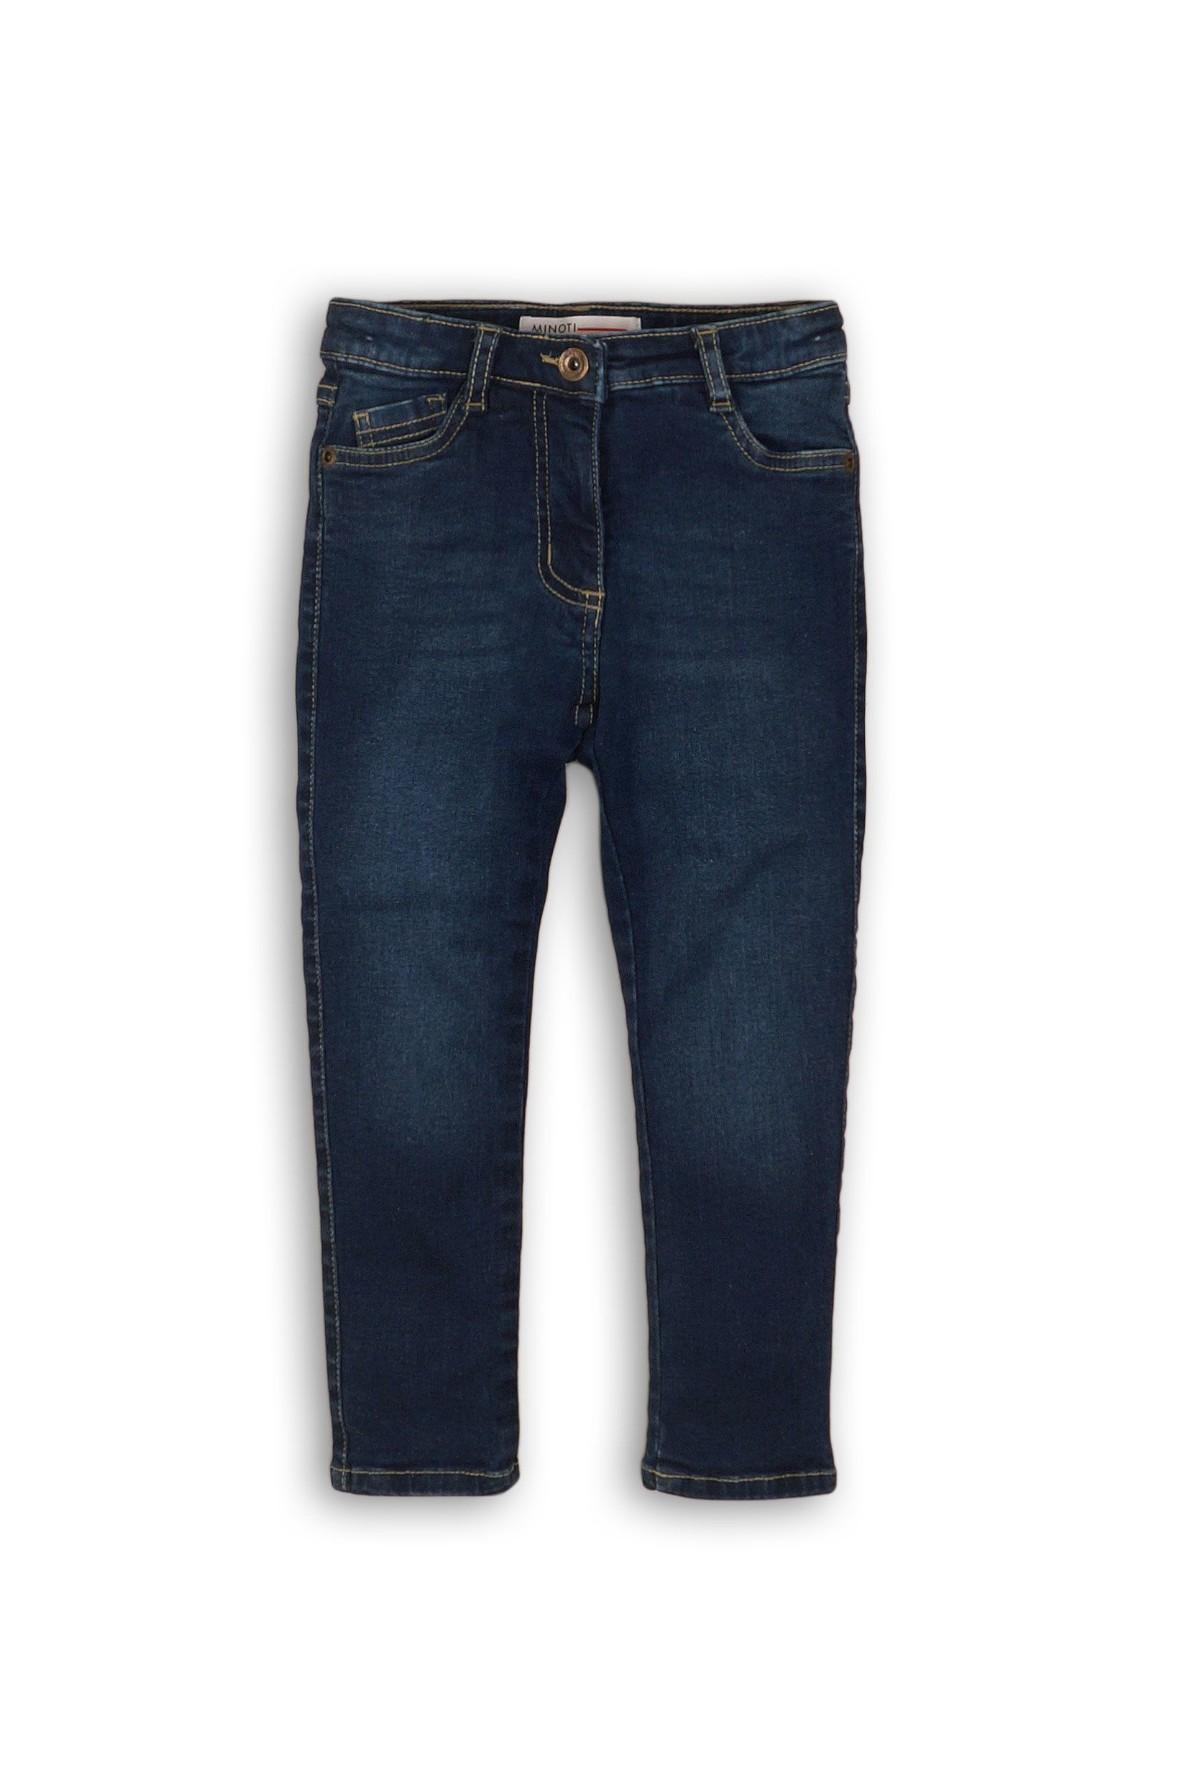 Spodnie dziewczęce jeansowe granatowe- klasyczne rozm 92/98